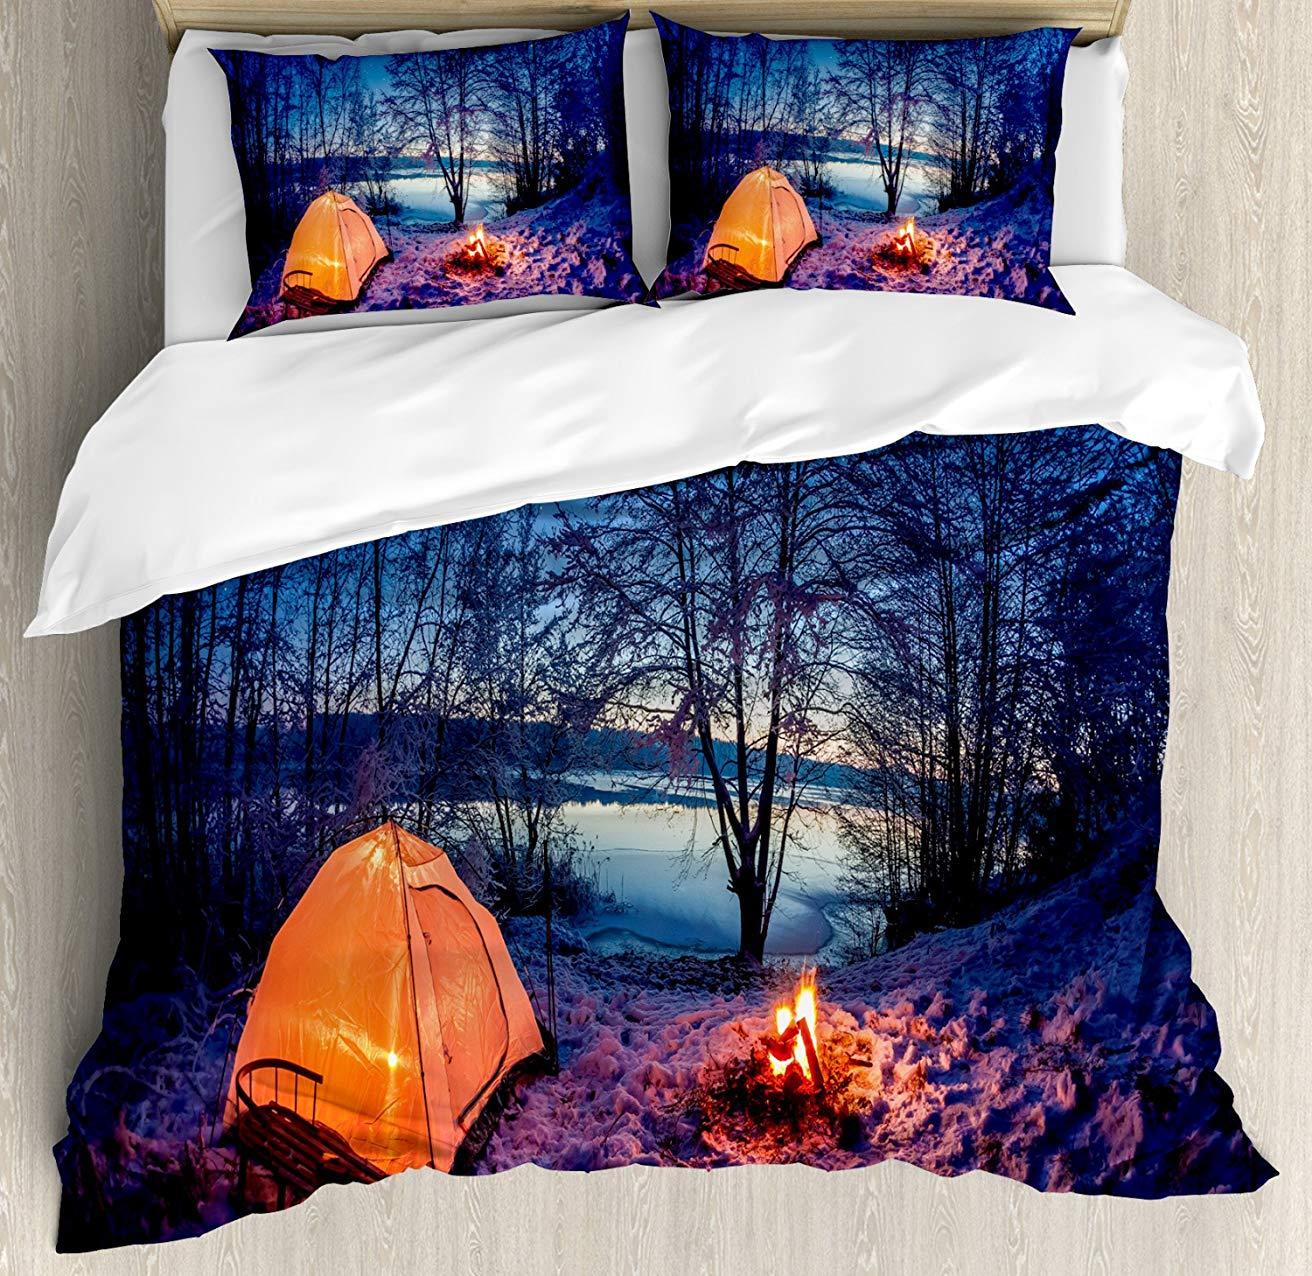 Forêt housse de couette ensemble nuit sombre Camping tente Photo en hiver sur les terres enneigées au bord du lac ensemble de literie 3 pièces